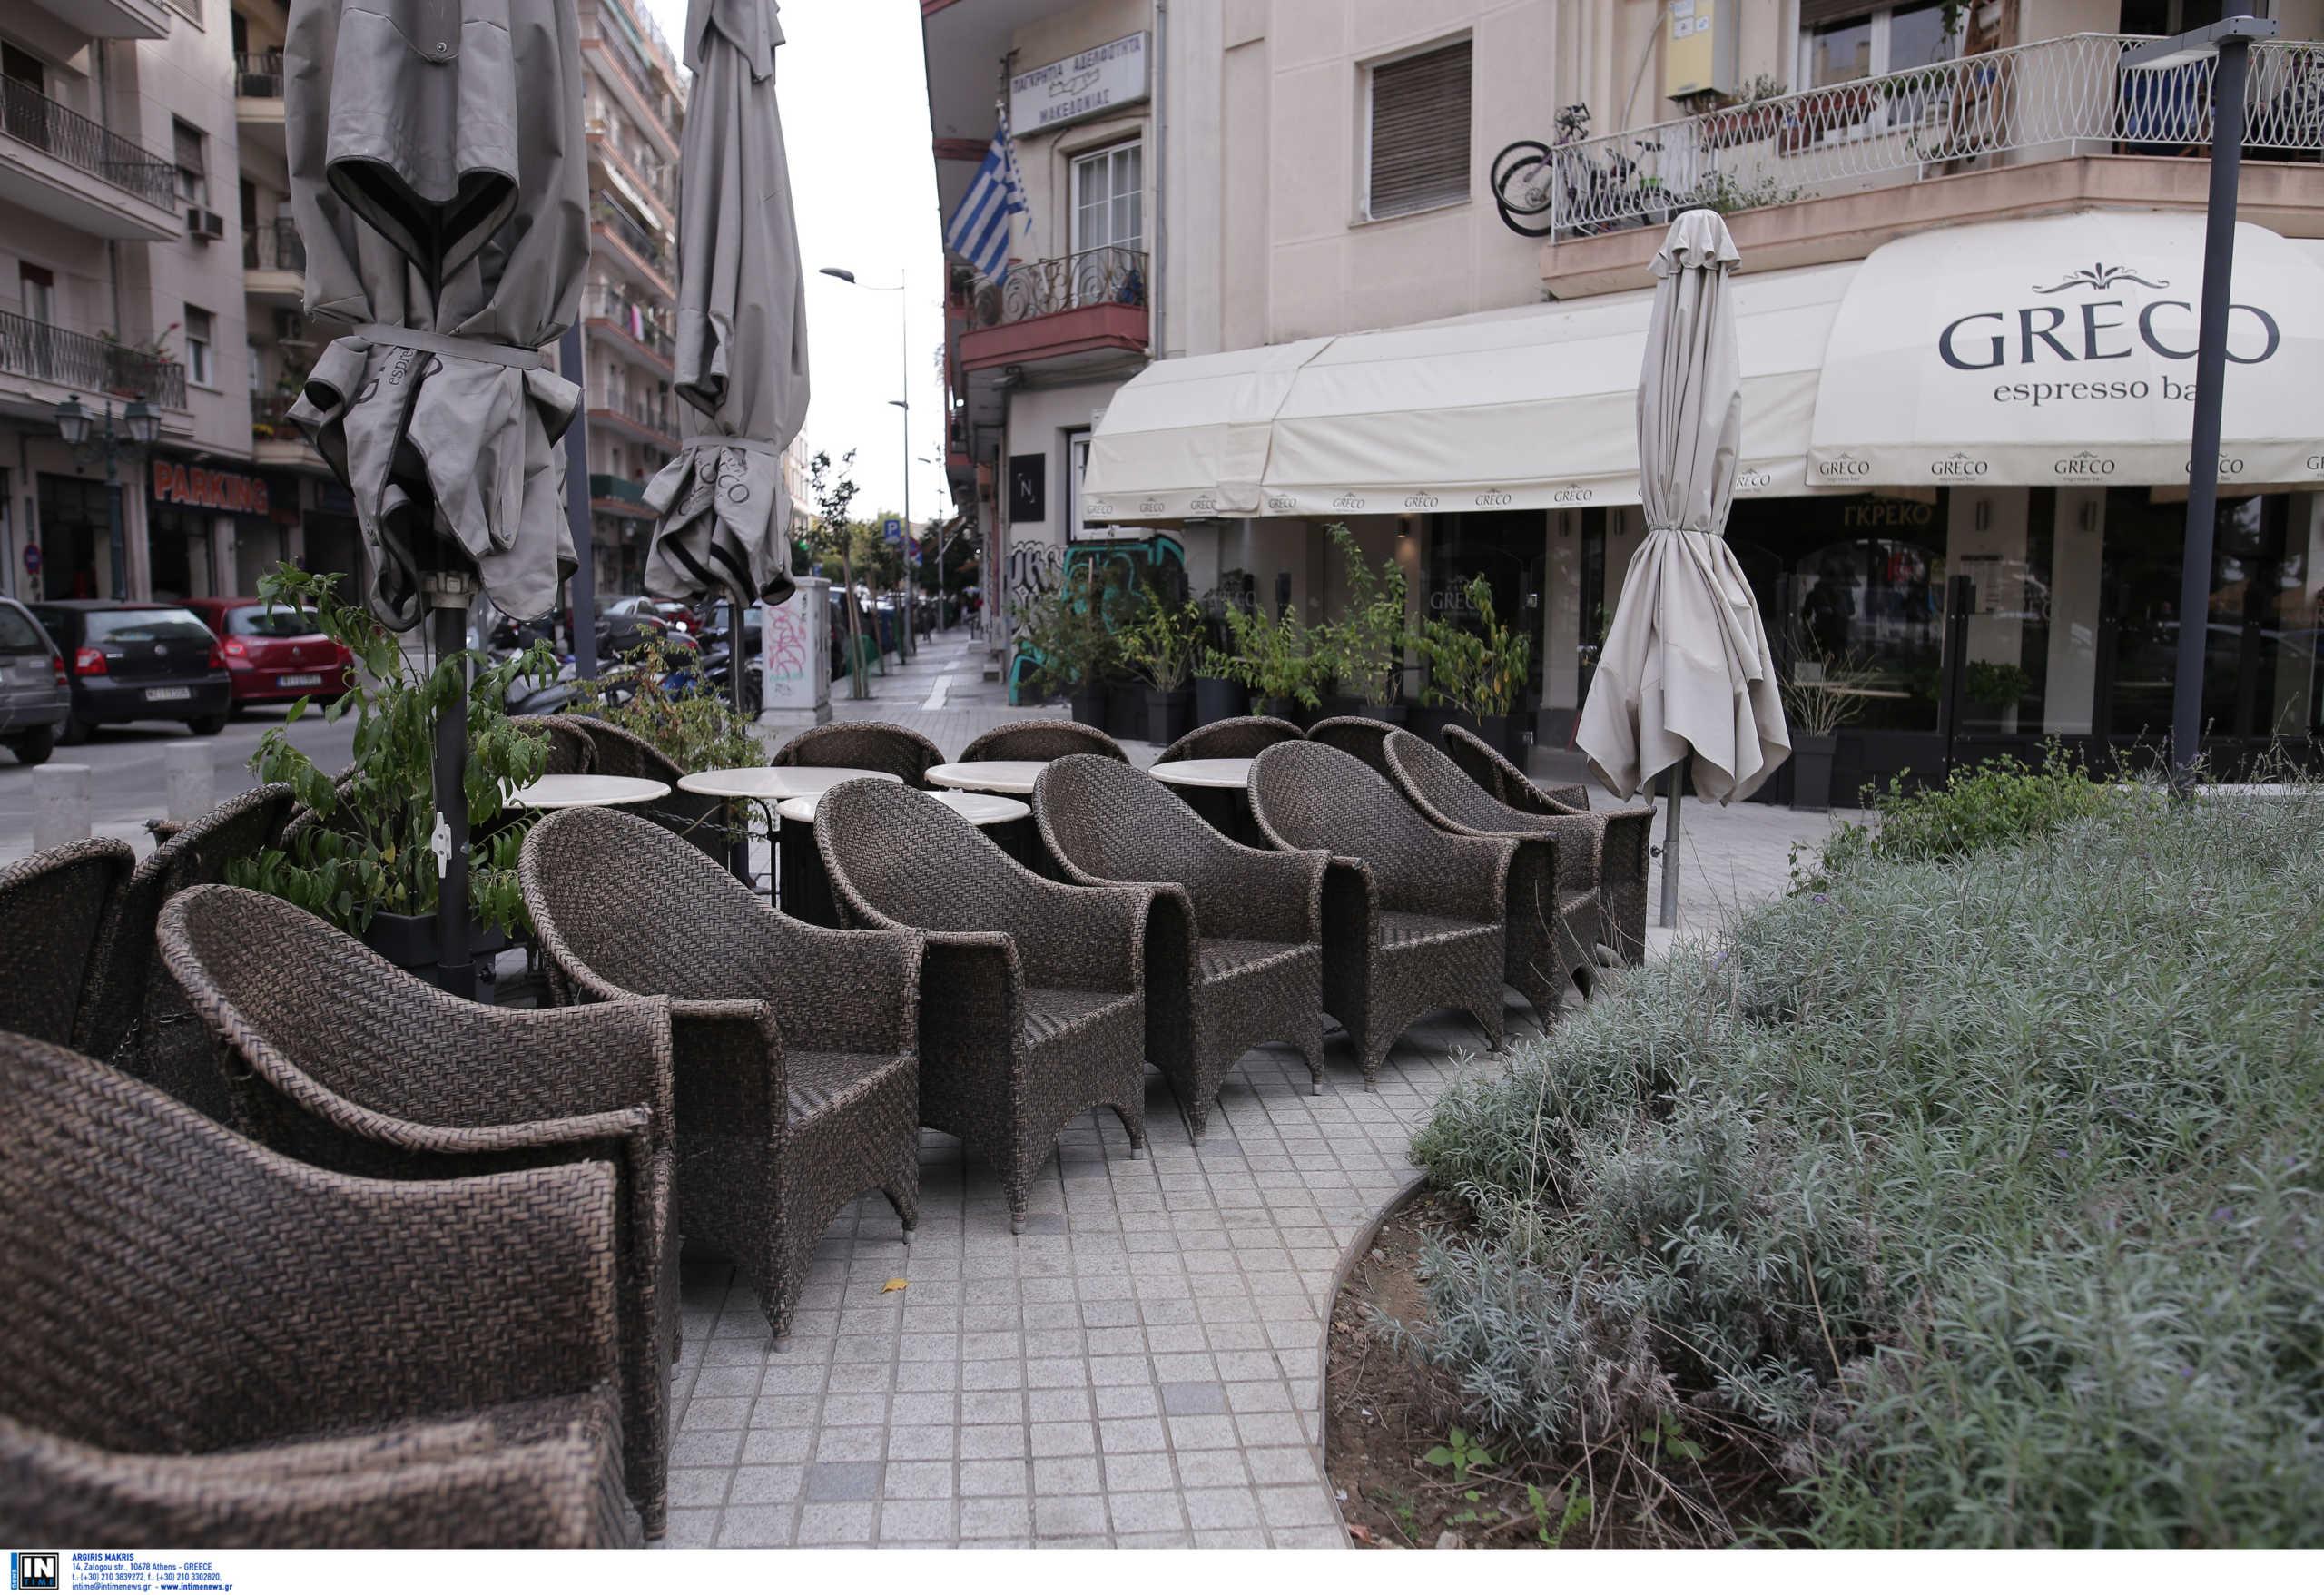 Νέα μέτρα: Λουκέτο από Τρίτη σε εστιατόρια, μπαρ, καφέ, κινηματογράφους, θέατρα, γυμναστήρια – Τι μένει ανοικτό